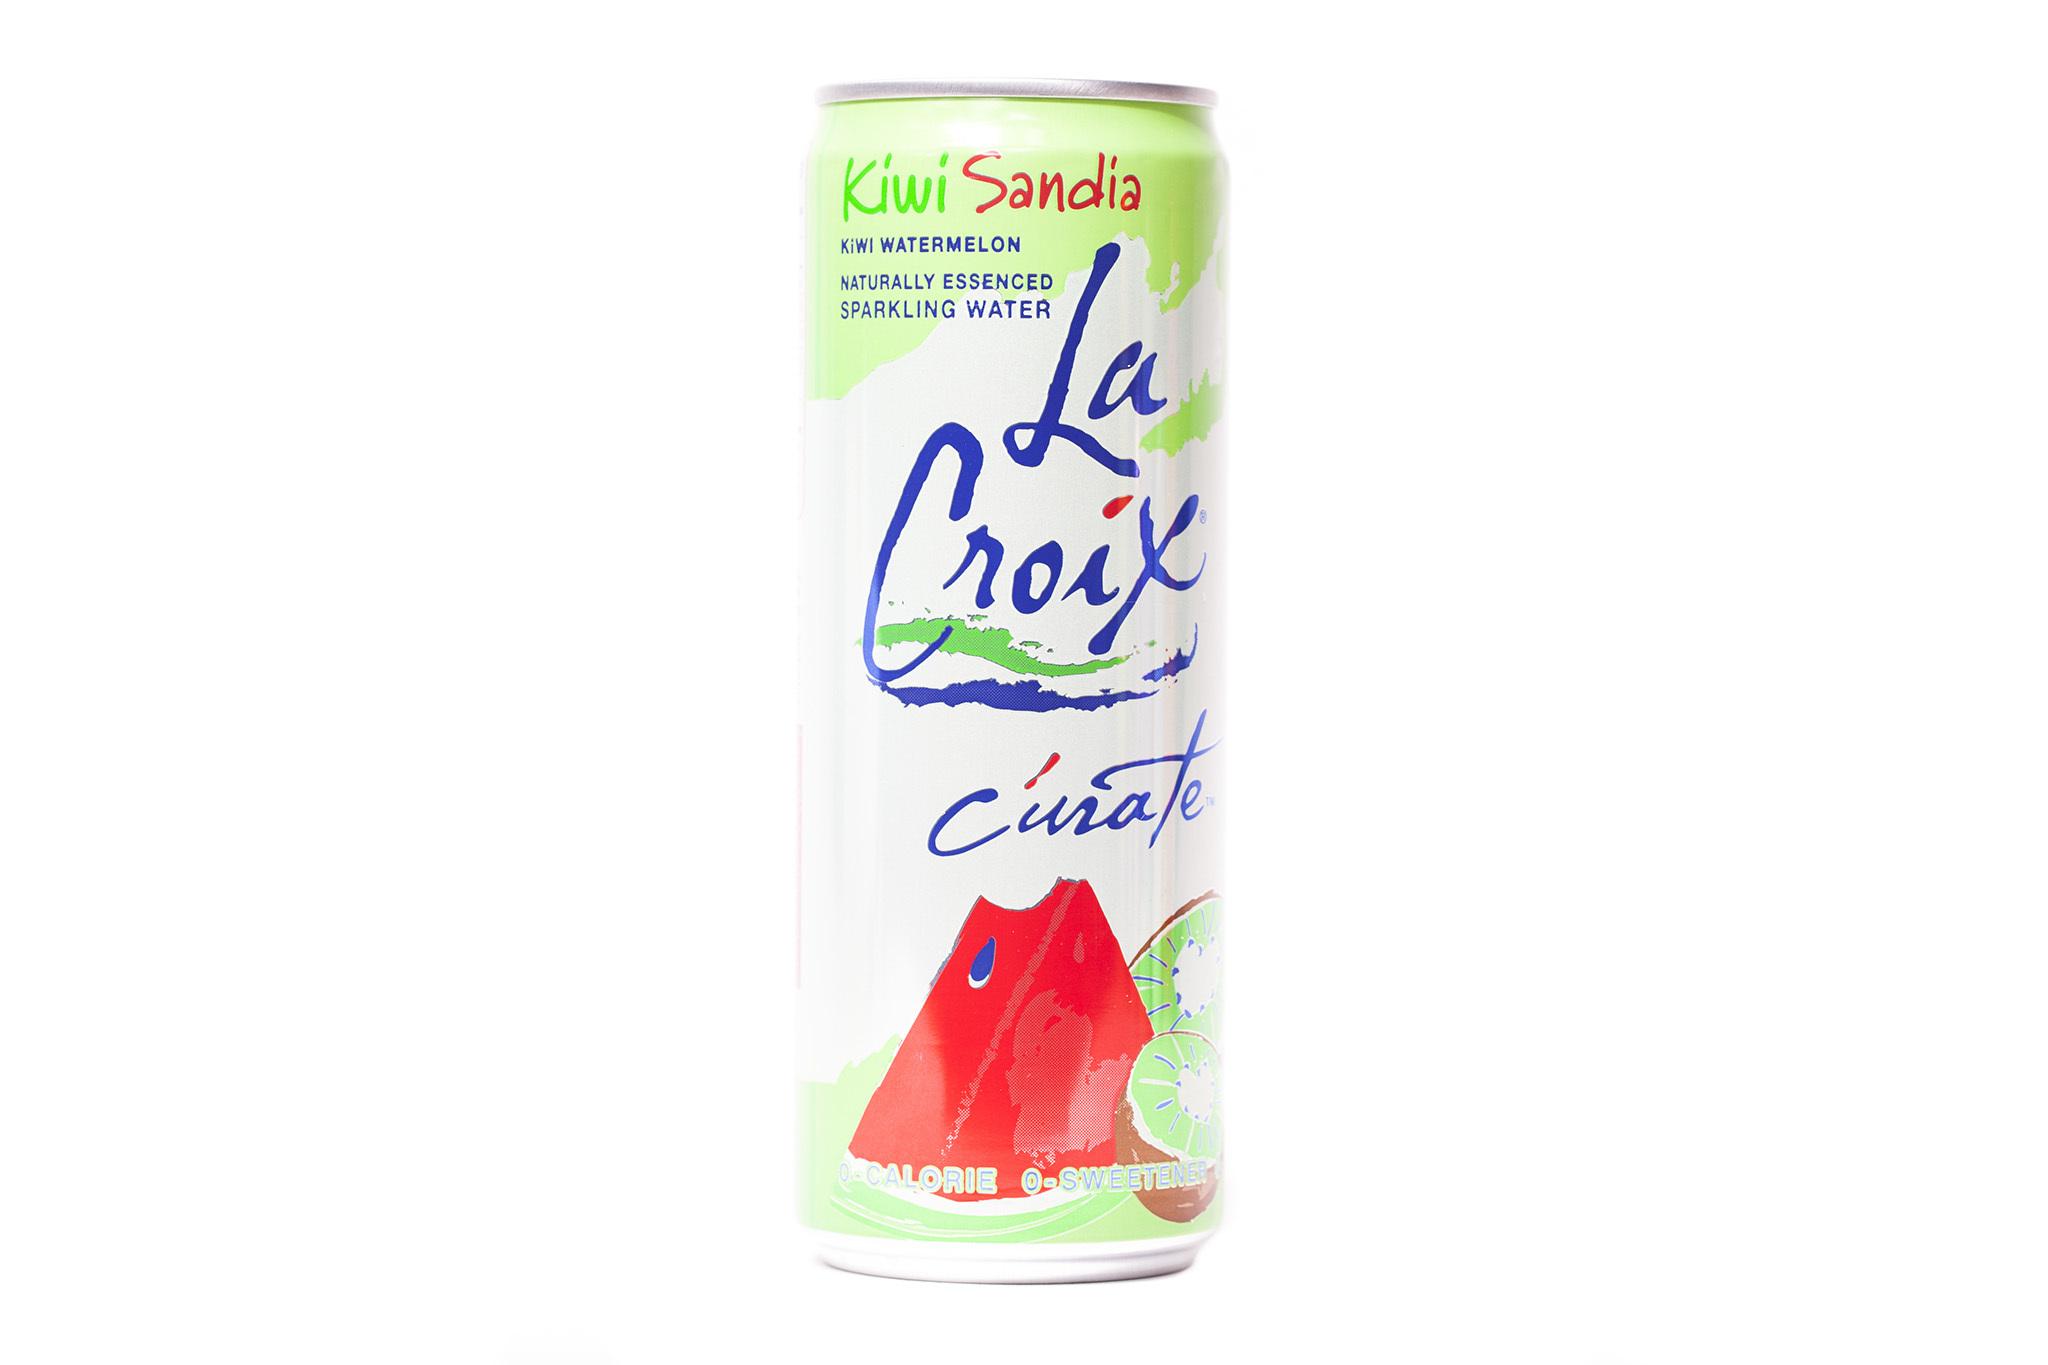 Kiwi Sandia (kiwi watermelon) La Croix